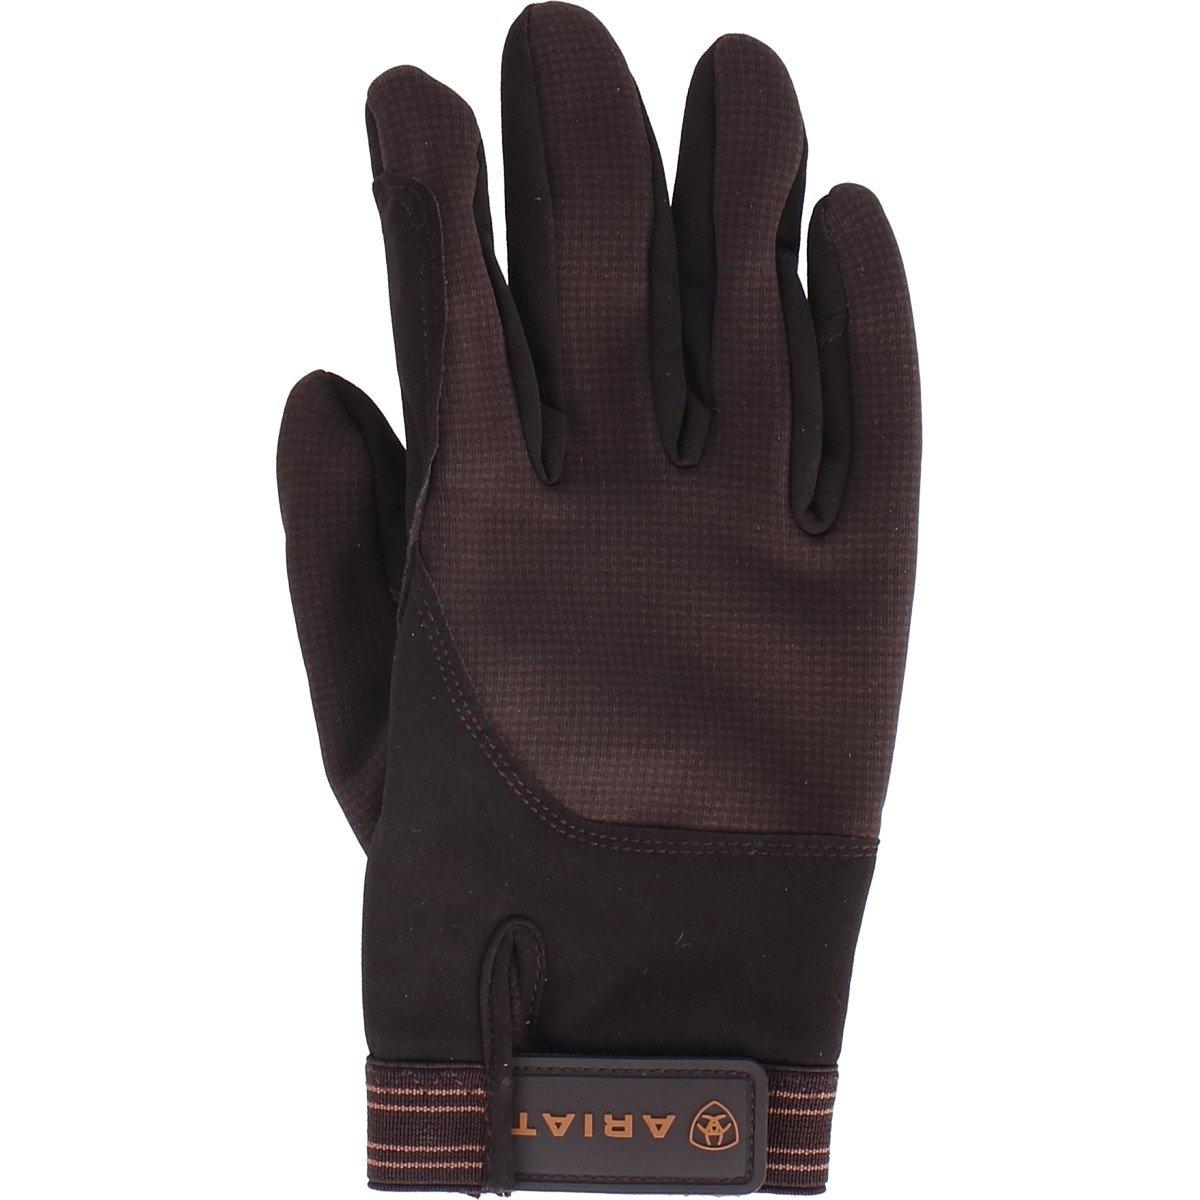 Imagem de Ariat Glove Insulated Tek Grip Brown 6